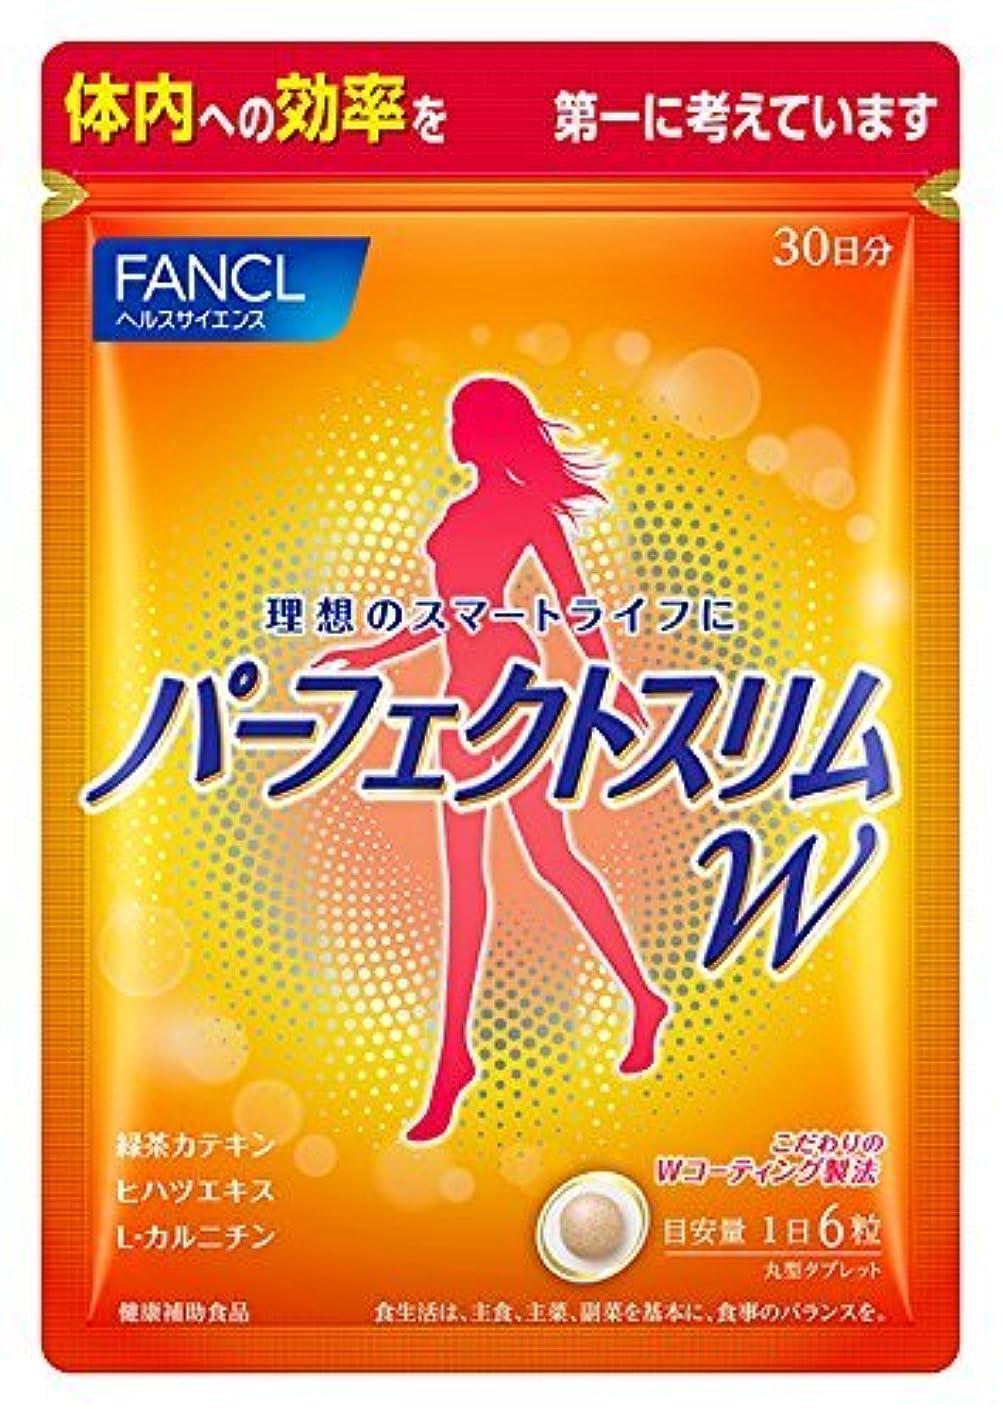 入口寛大さメッセージ【2袋セット】ファンケル(FANCL) パーフェクトスリム W 約30日分 180粒 ×2袋